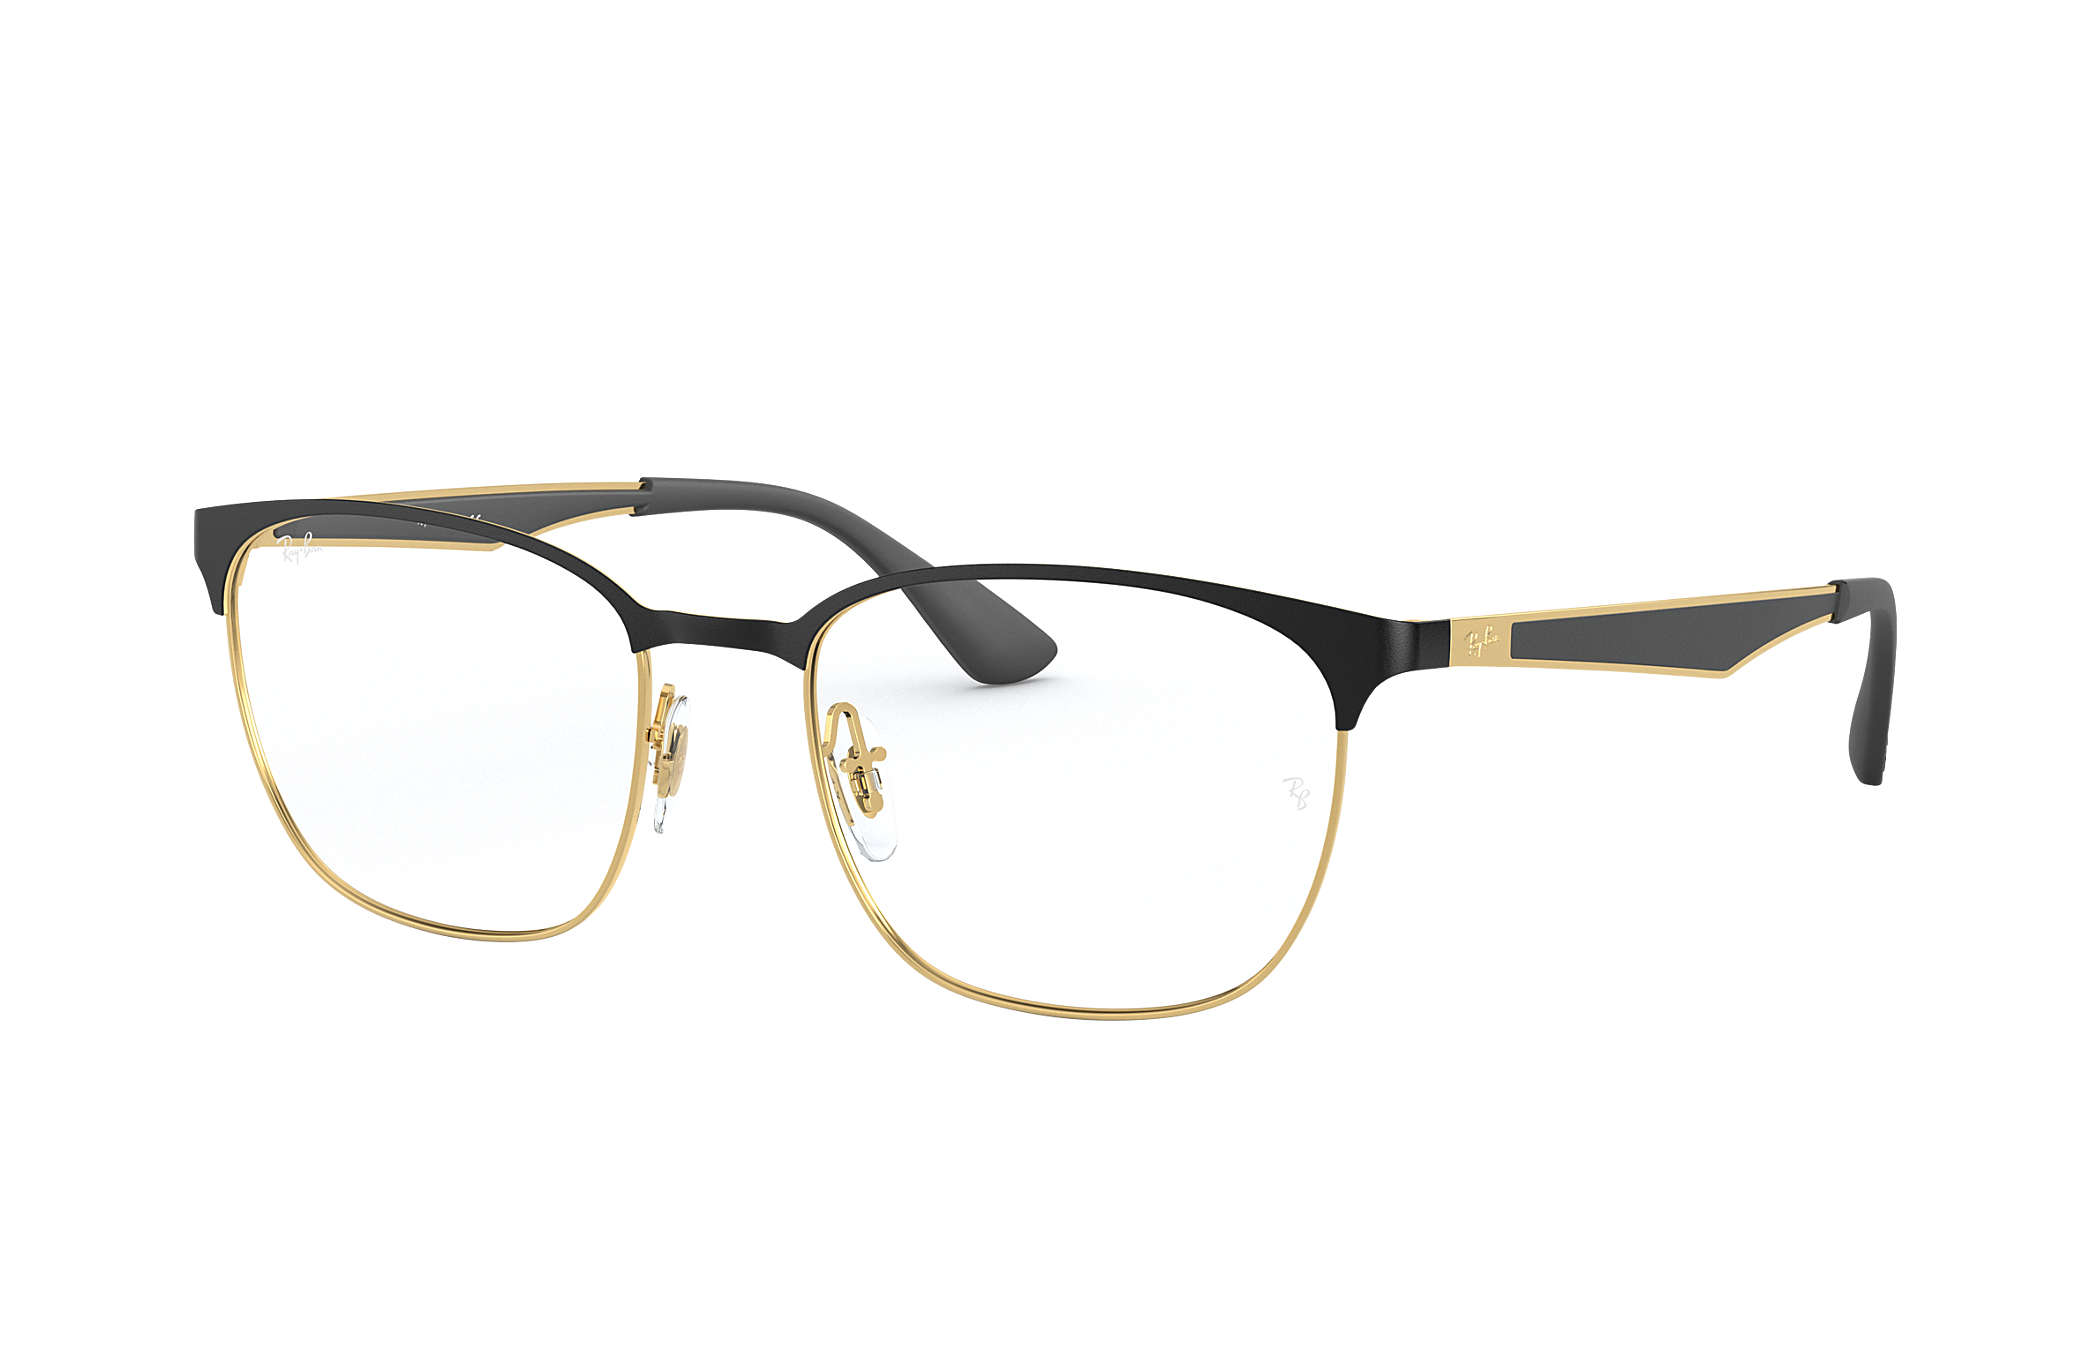 e vision ray ban glasses